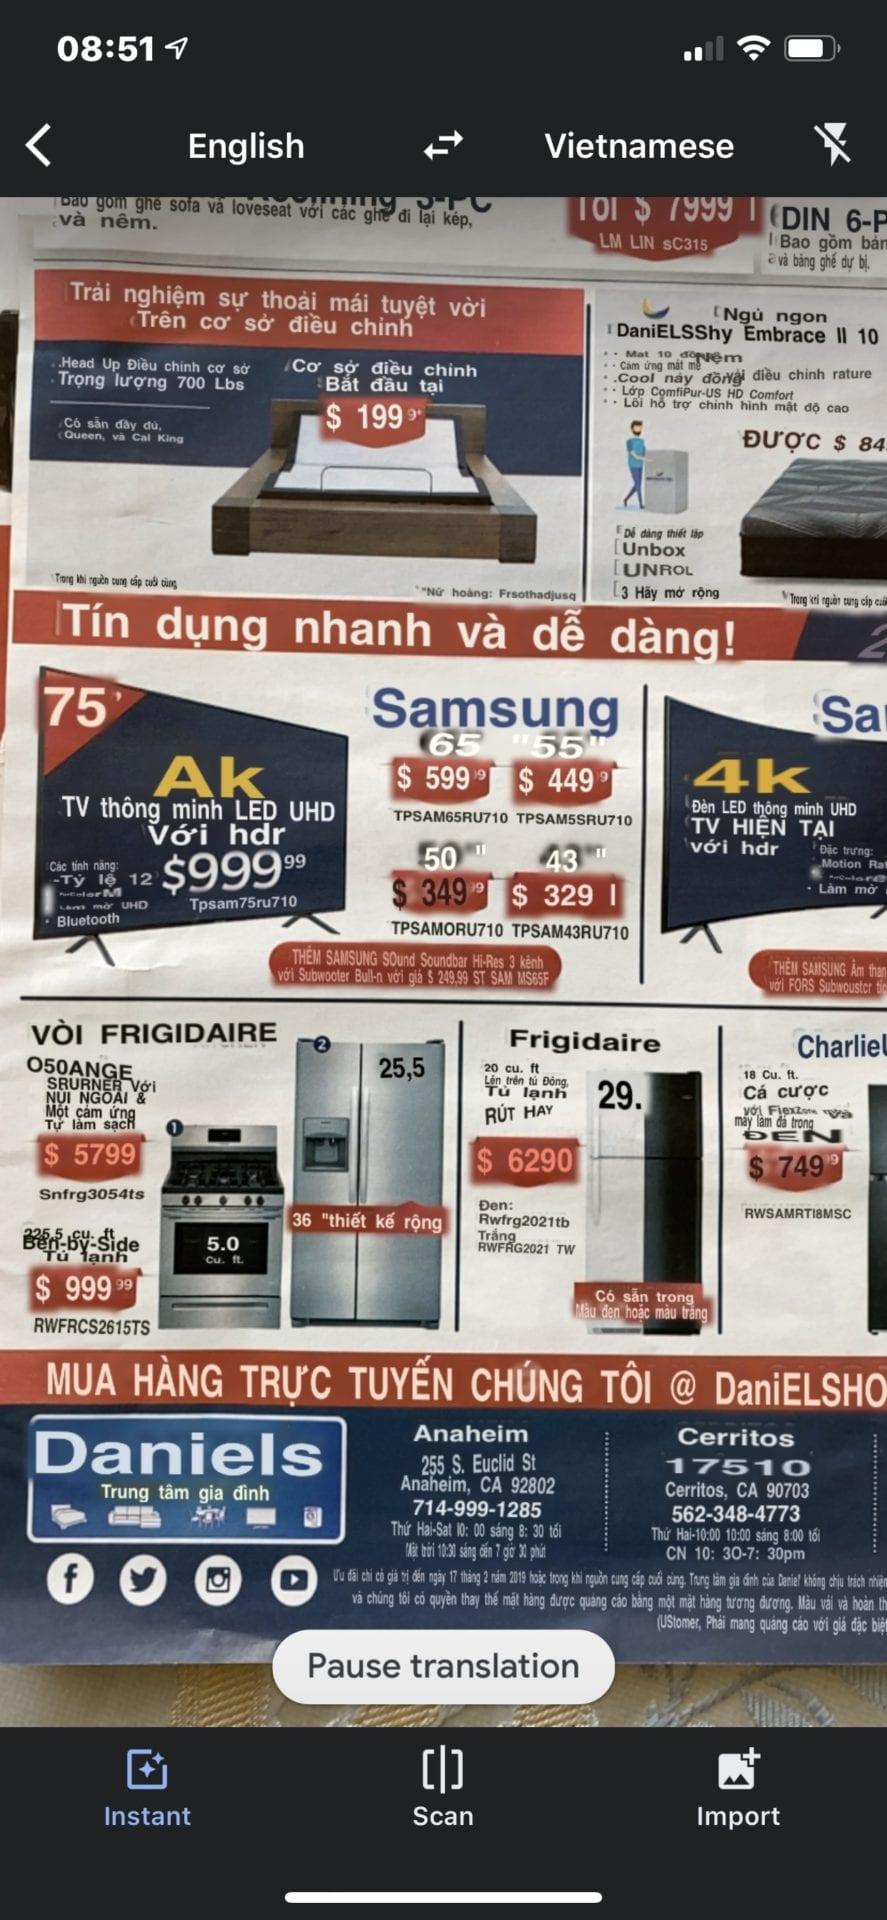 Dịch mọi ngôn ngữ sang tiếng Việt bằng camera điện thoại - 4